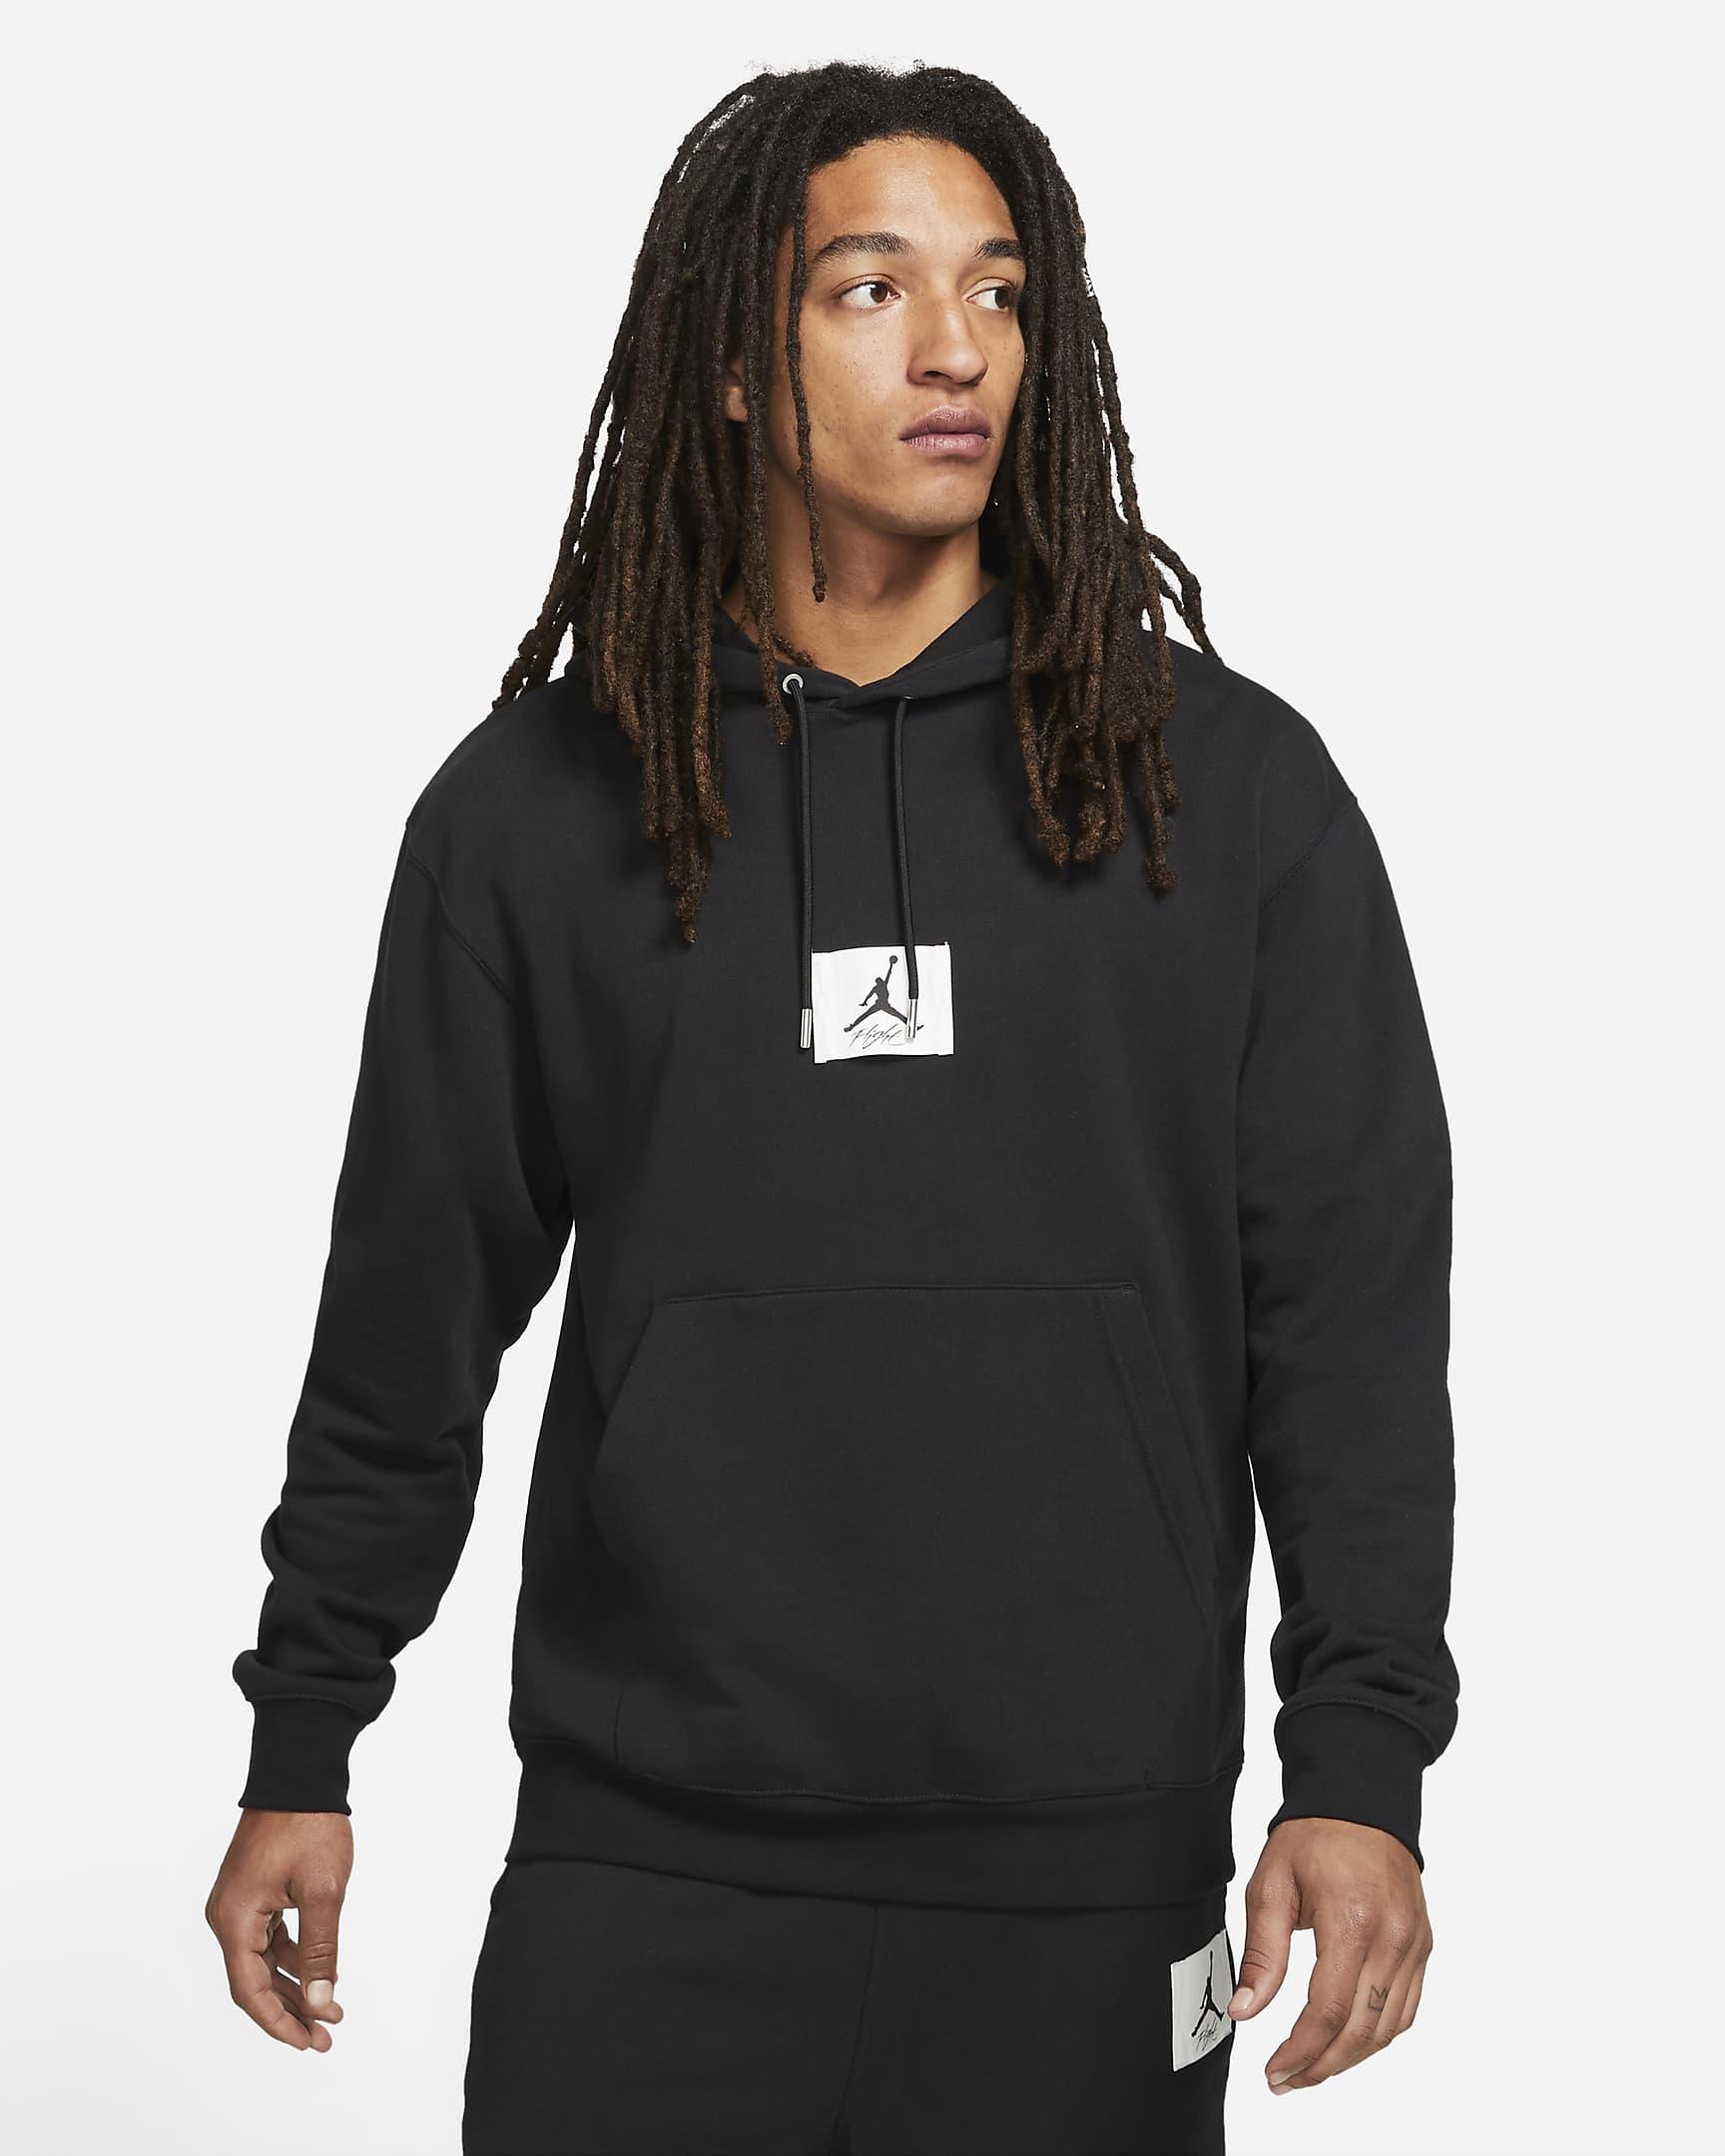 jordan-essentials-mens-statement-fleece-hoodie-cckr7N.png